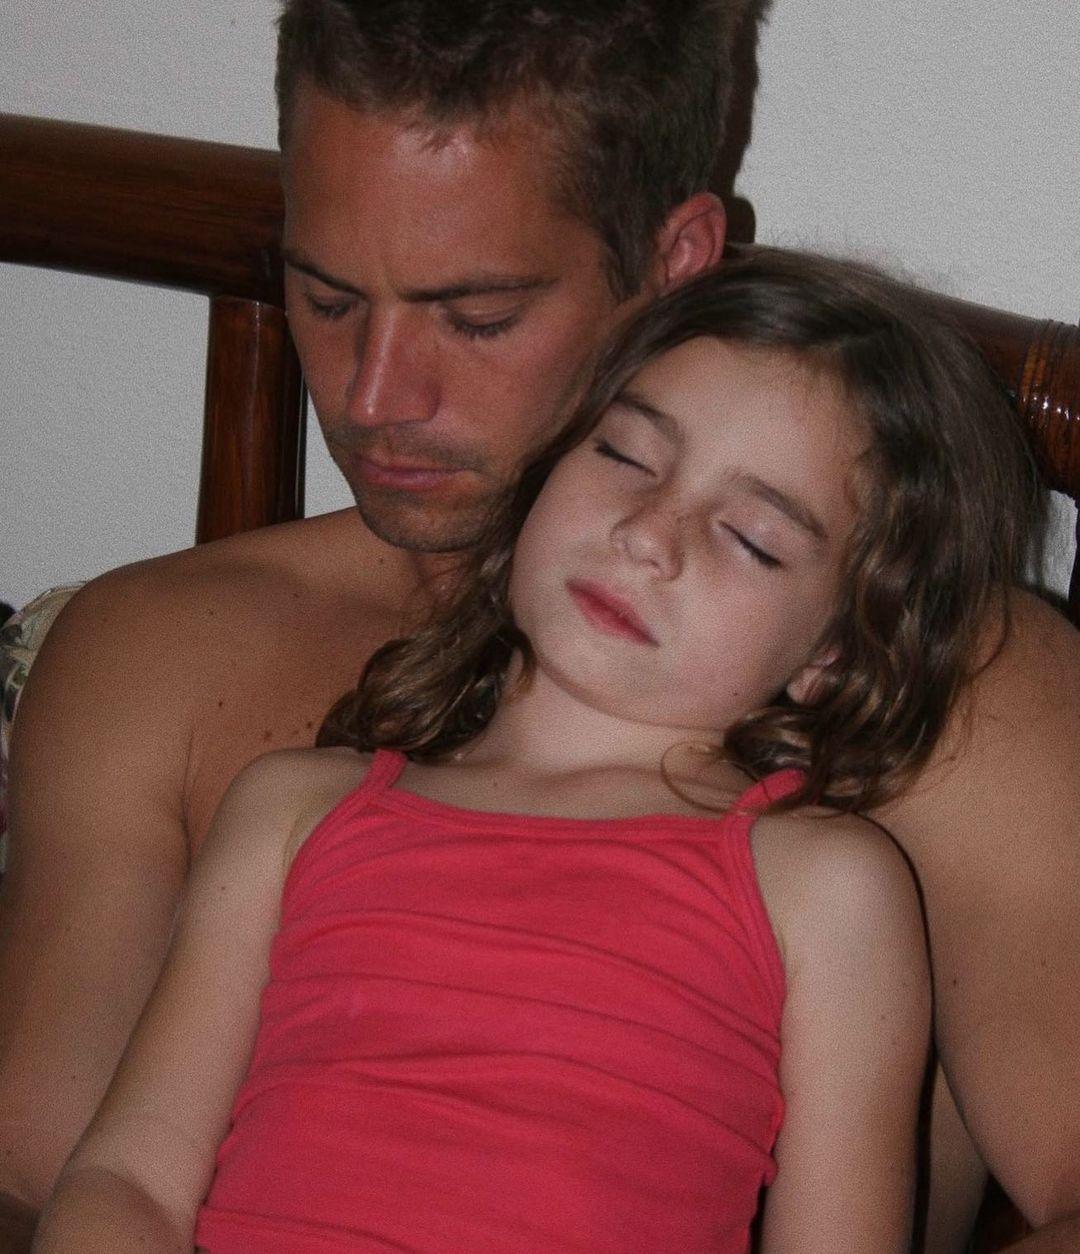 Modell lett Paul Walker lánya, Meadow